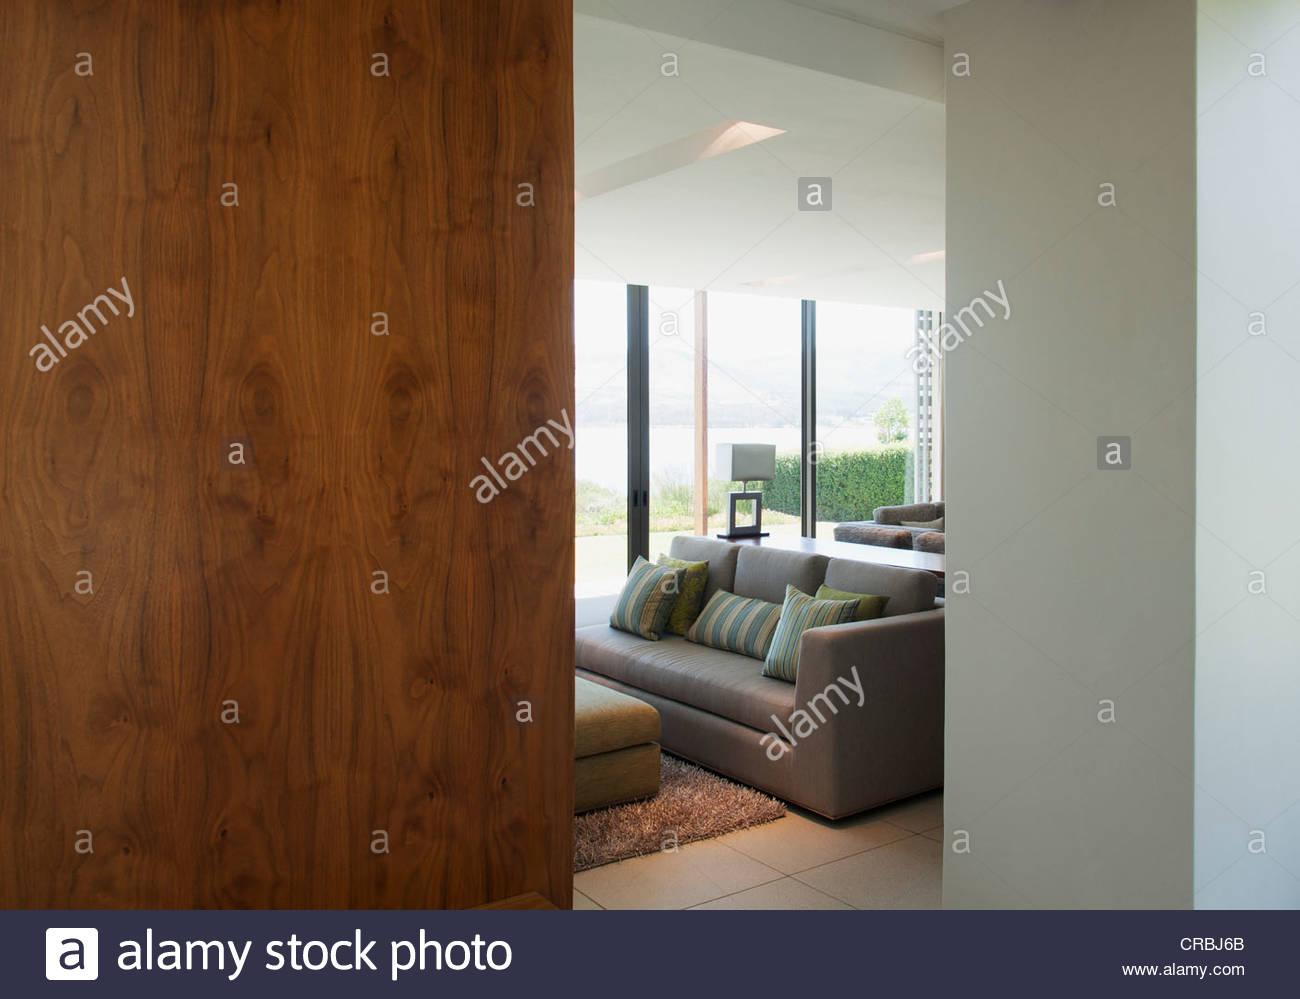 Wohnzimmer Tür, blick auf wohnzimmer durch tür stockfoto, bild: 48813587 - alamy, Design ideen